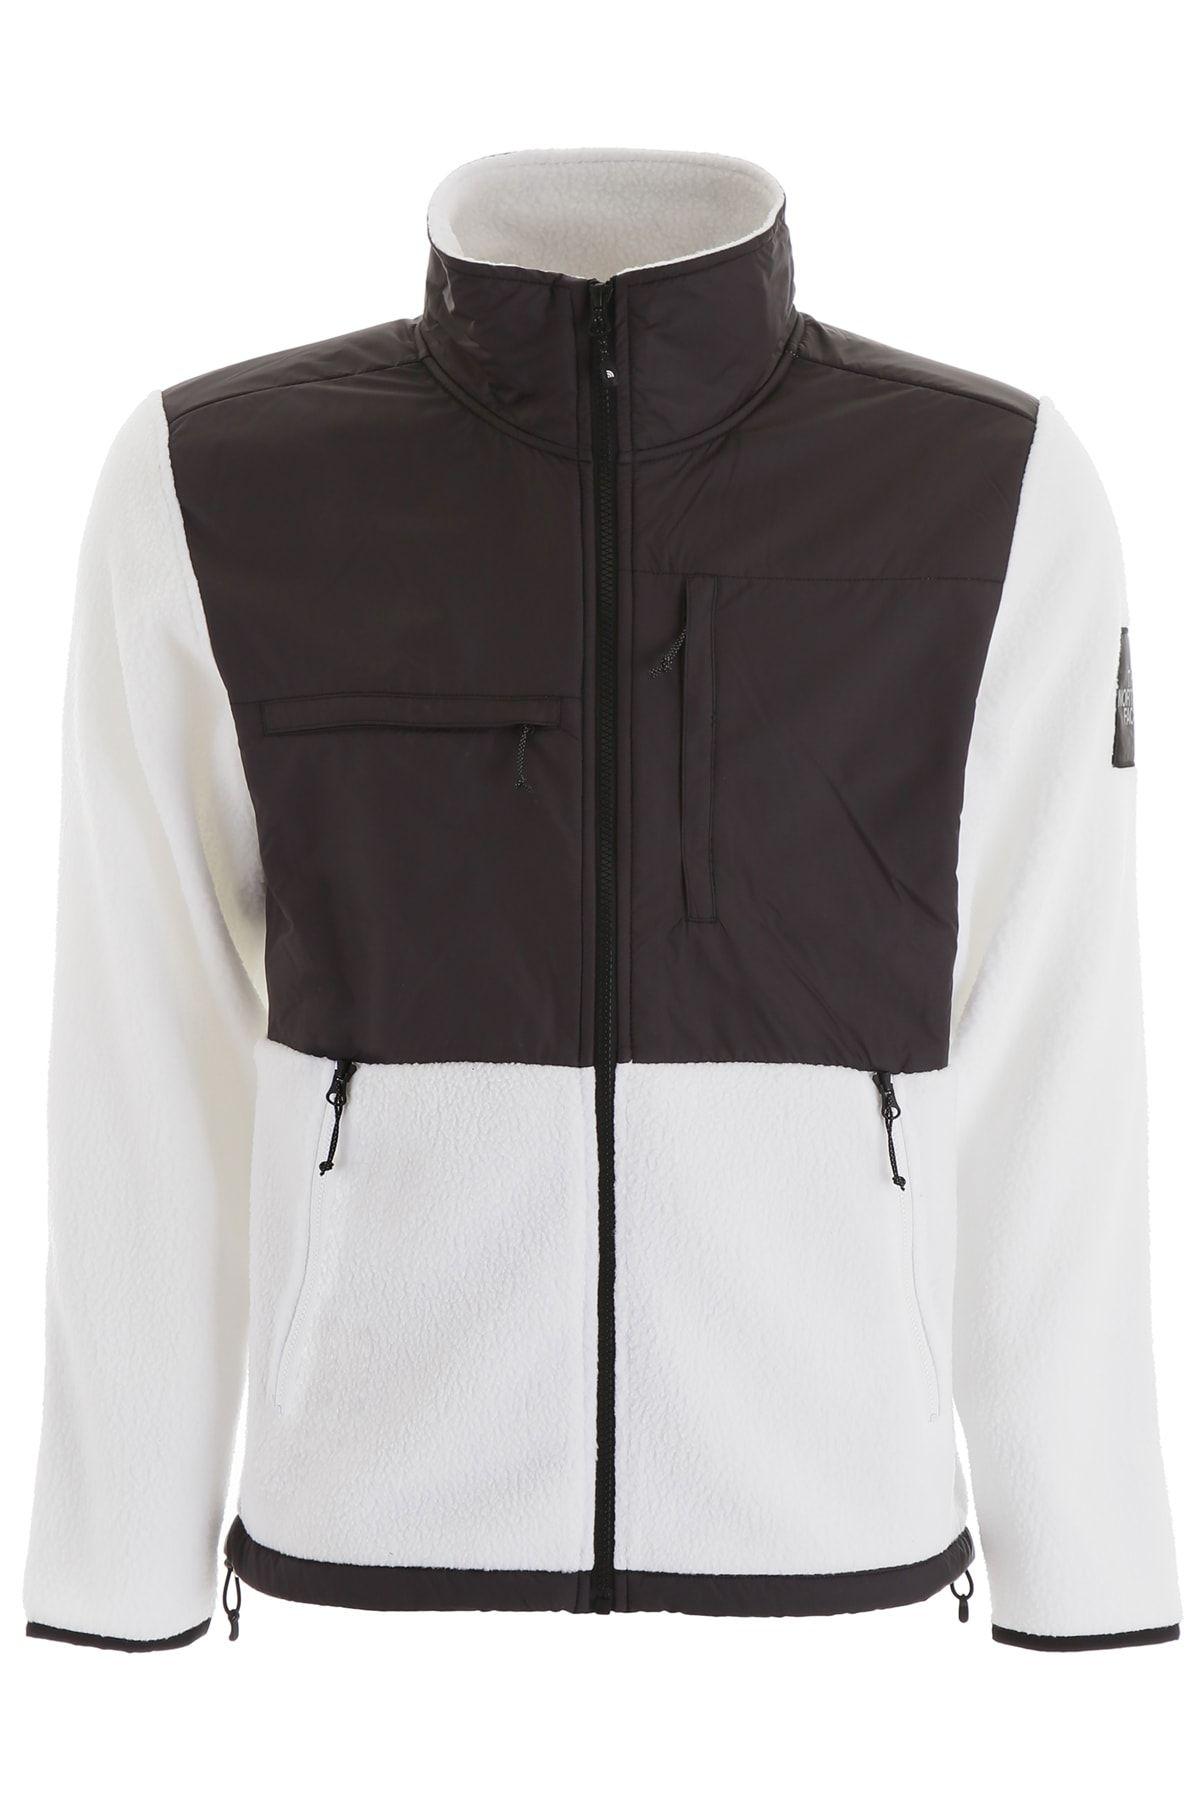 The North Face Denali Fleece Blouson Thenorthface Cloth North Face Fleece Jacket Fleece North Face Fleece [ jpg ]